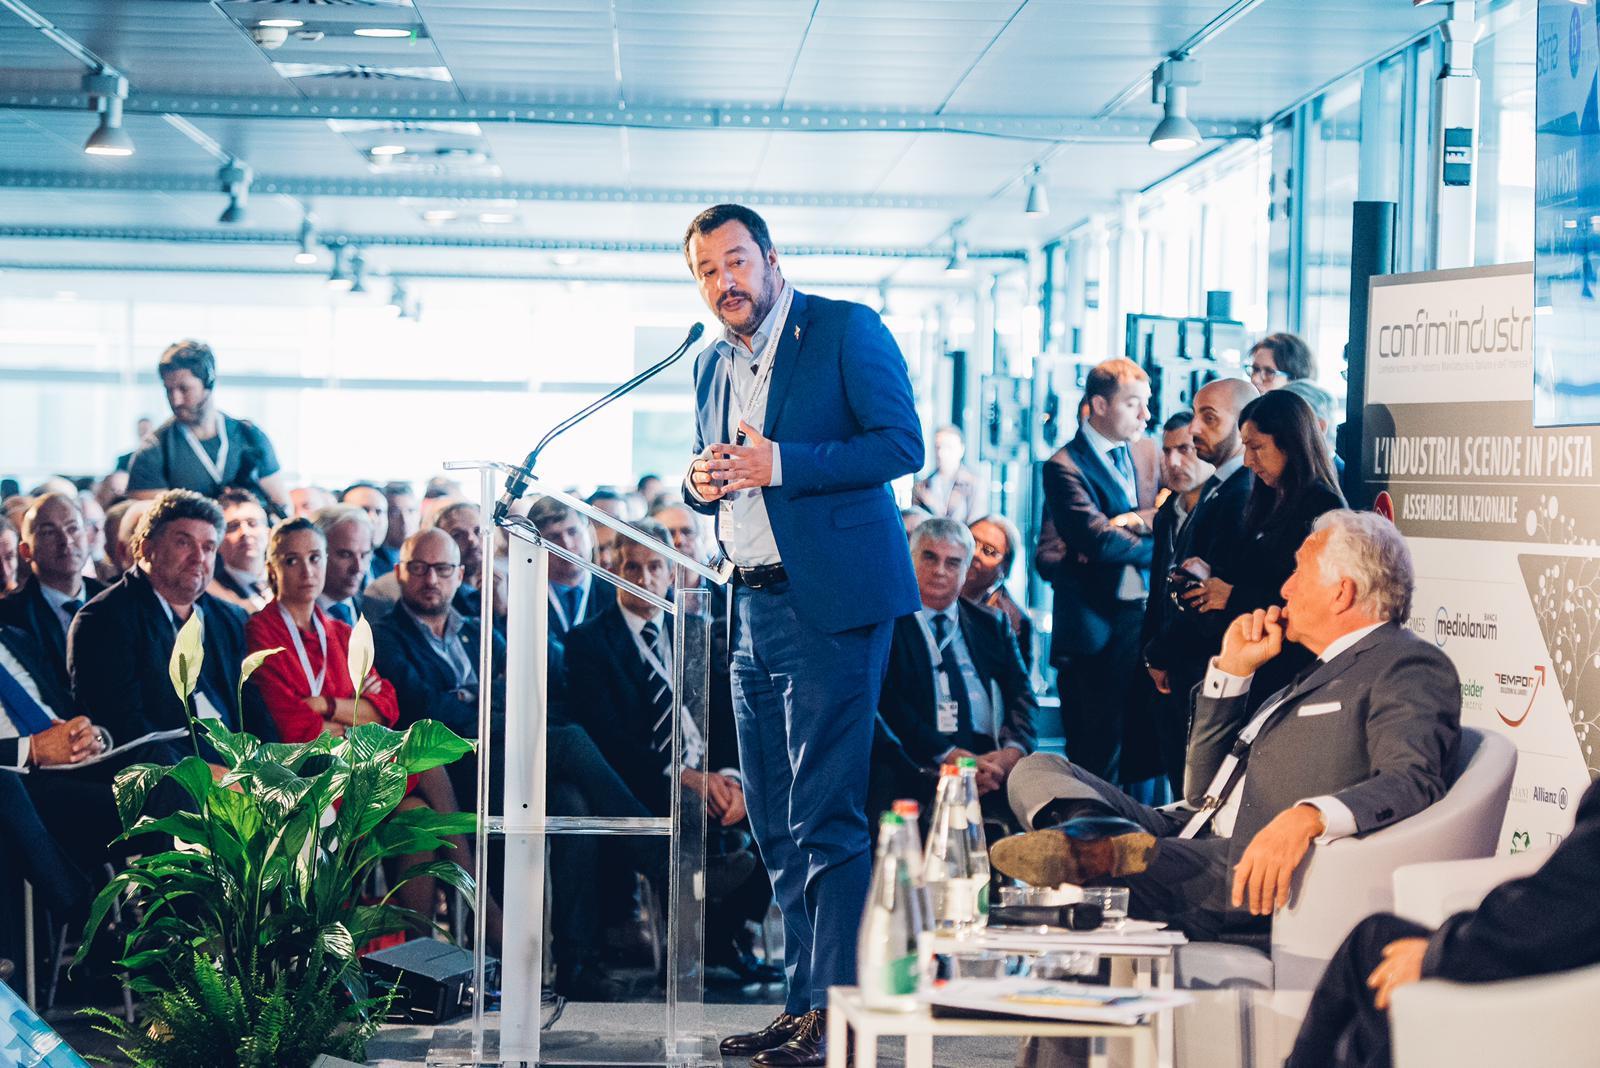 Matteo Salvini e Paolo Agnelli all'Assemblea di Confimi Industria